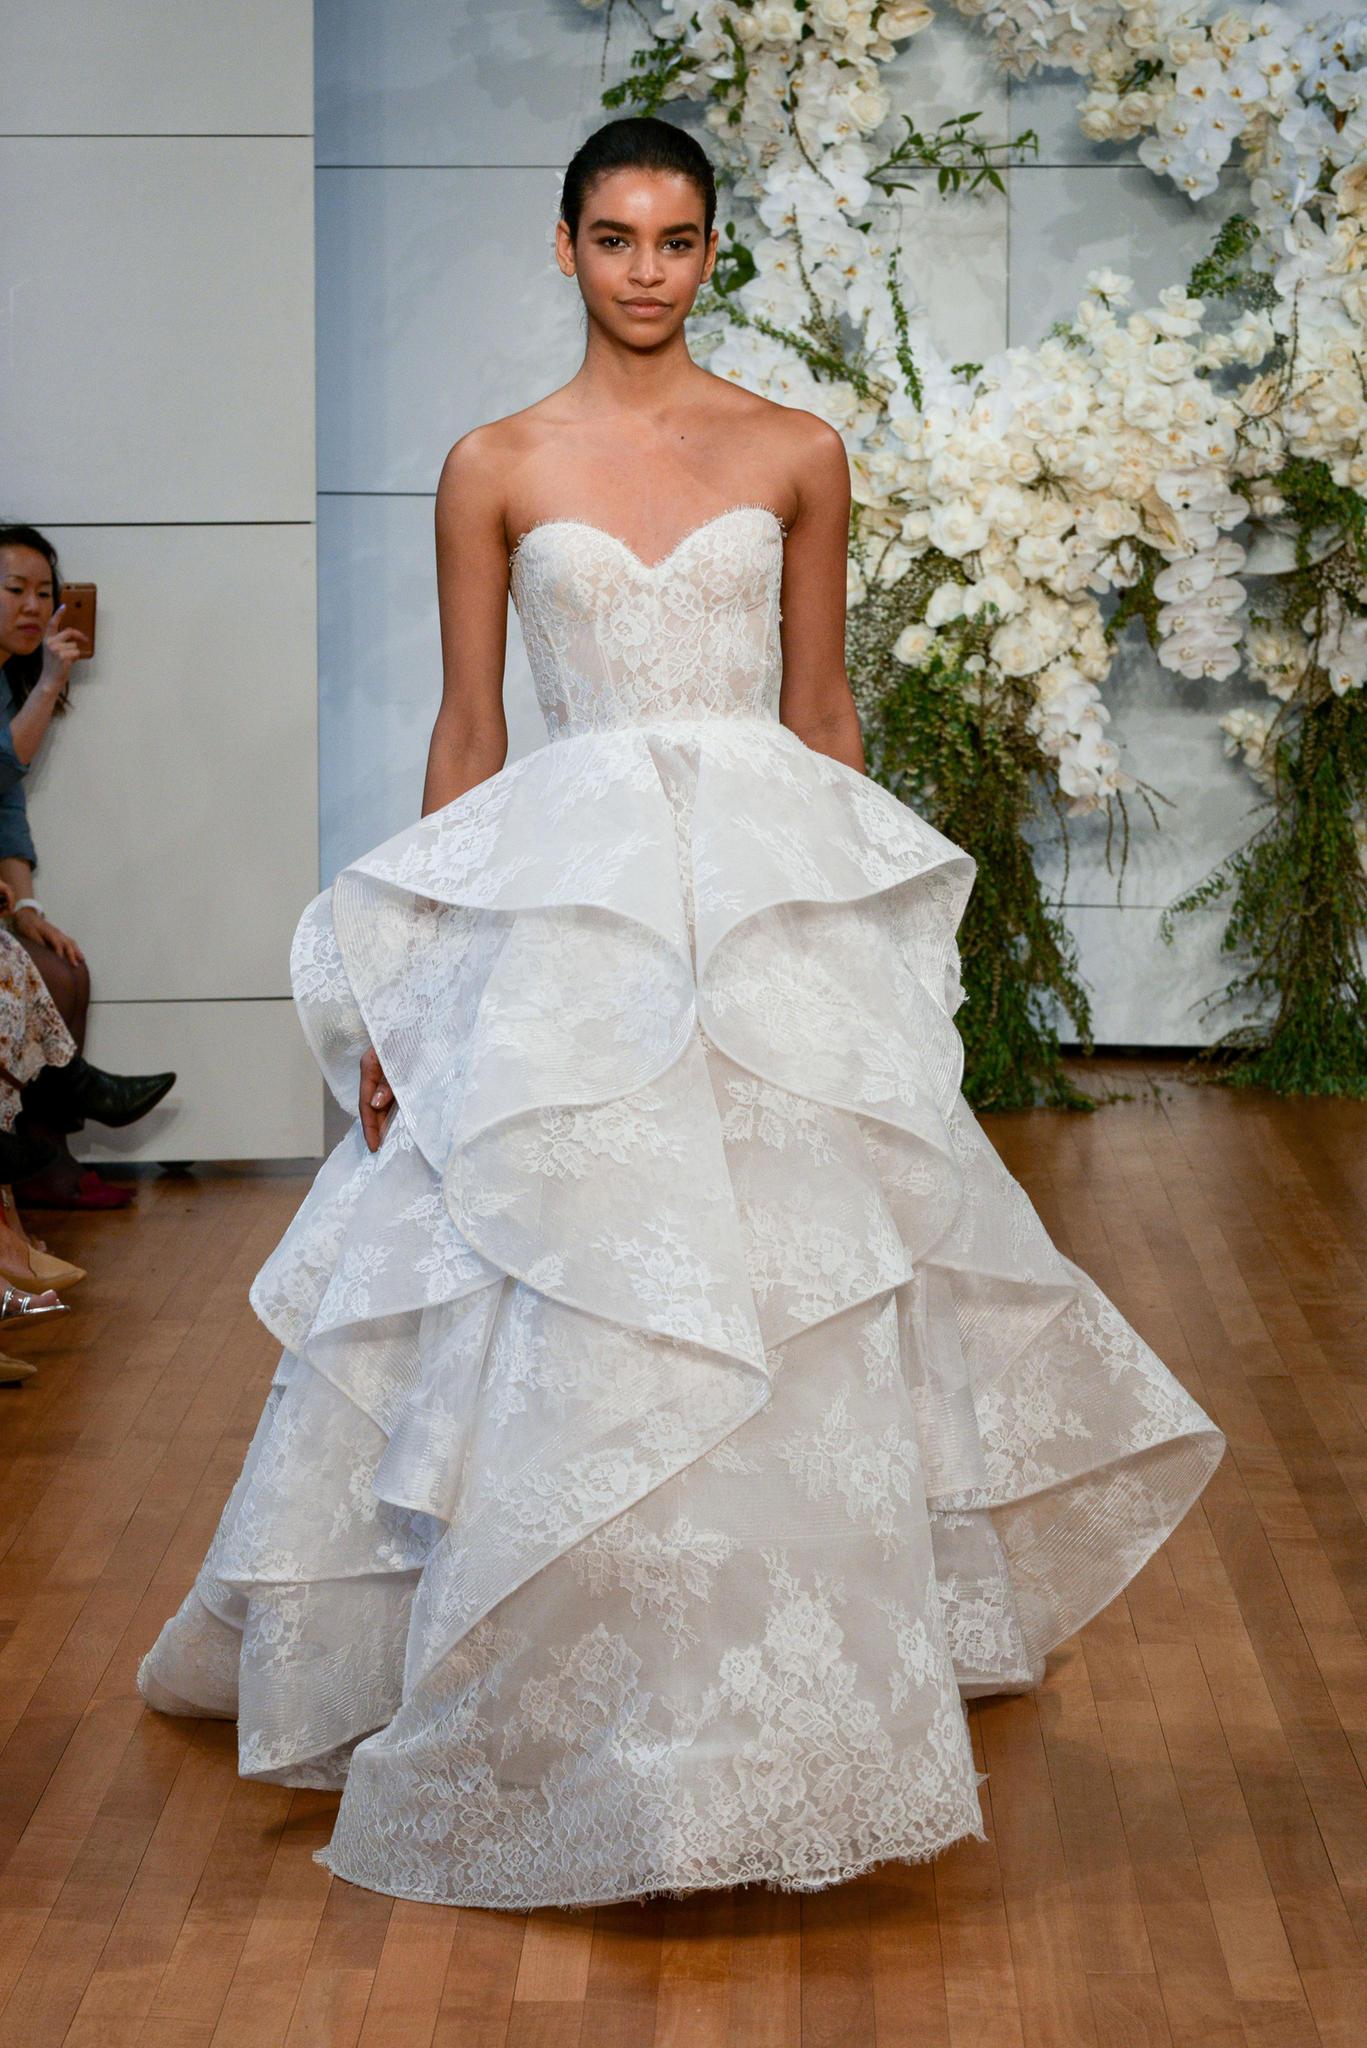 Brautkleider-Trends 2018: Die schönsten Modelle | BRIGITTE.de